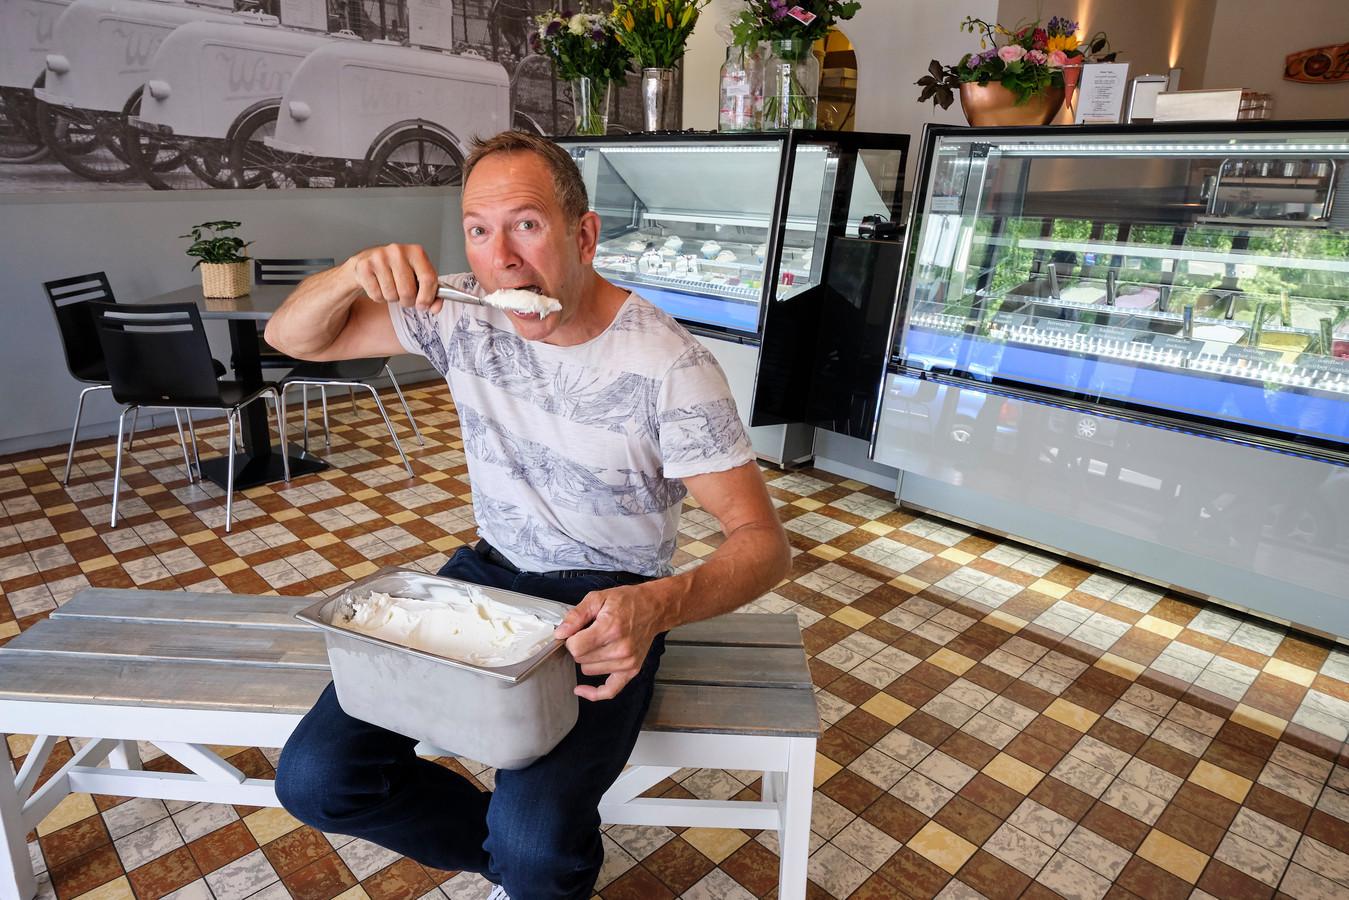 ,,Ik vind mijn bijnaam 'Yoghurtman' vooral stoer'', zegt Rotterdammer Martin Wildeboer.